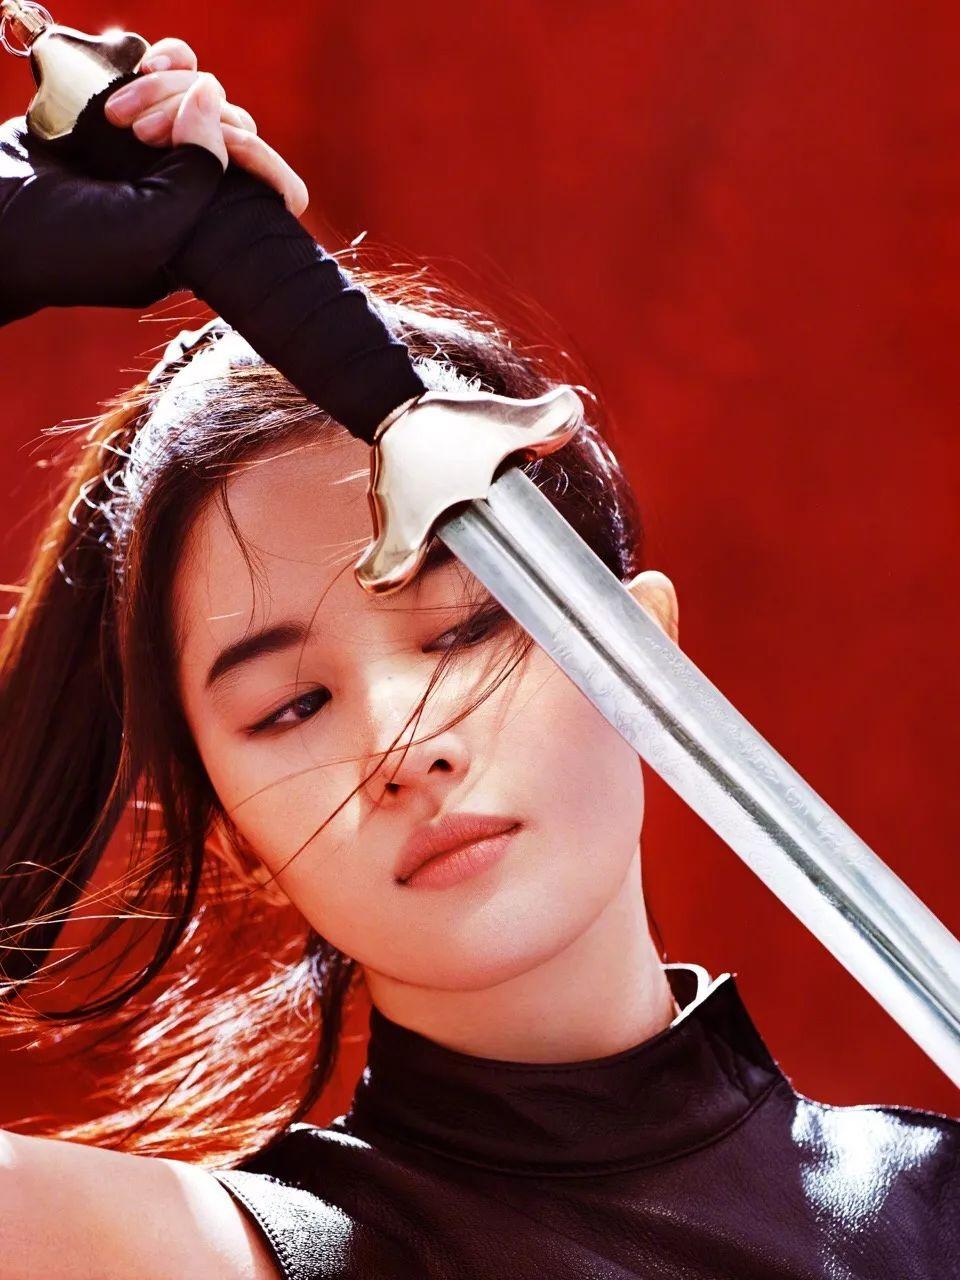 刘亦菲不是神仙姐姐了,可我却更爱她了